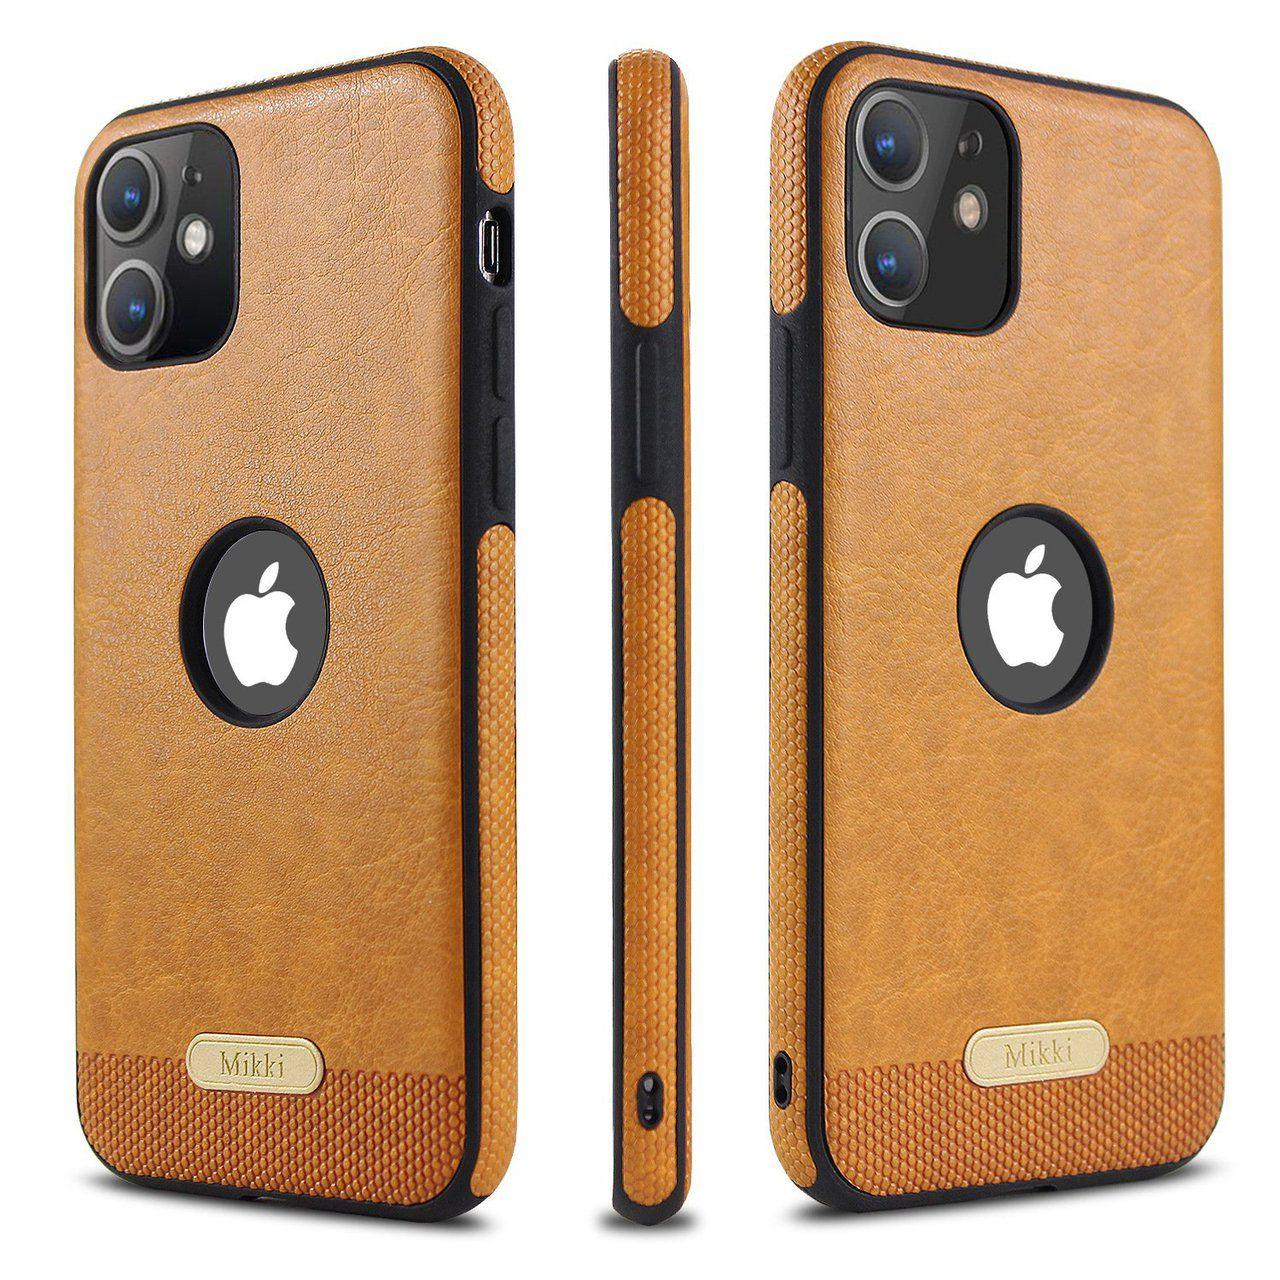 Antiskid iphone 11 pro max case in 2020 iphone iphone